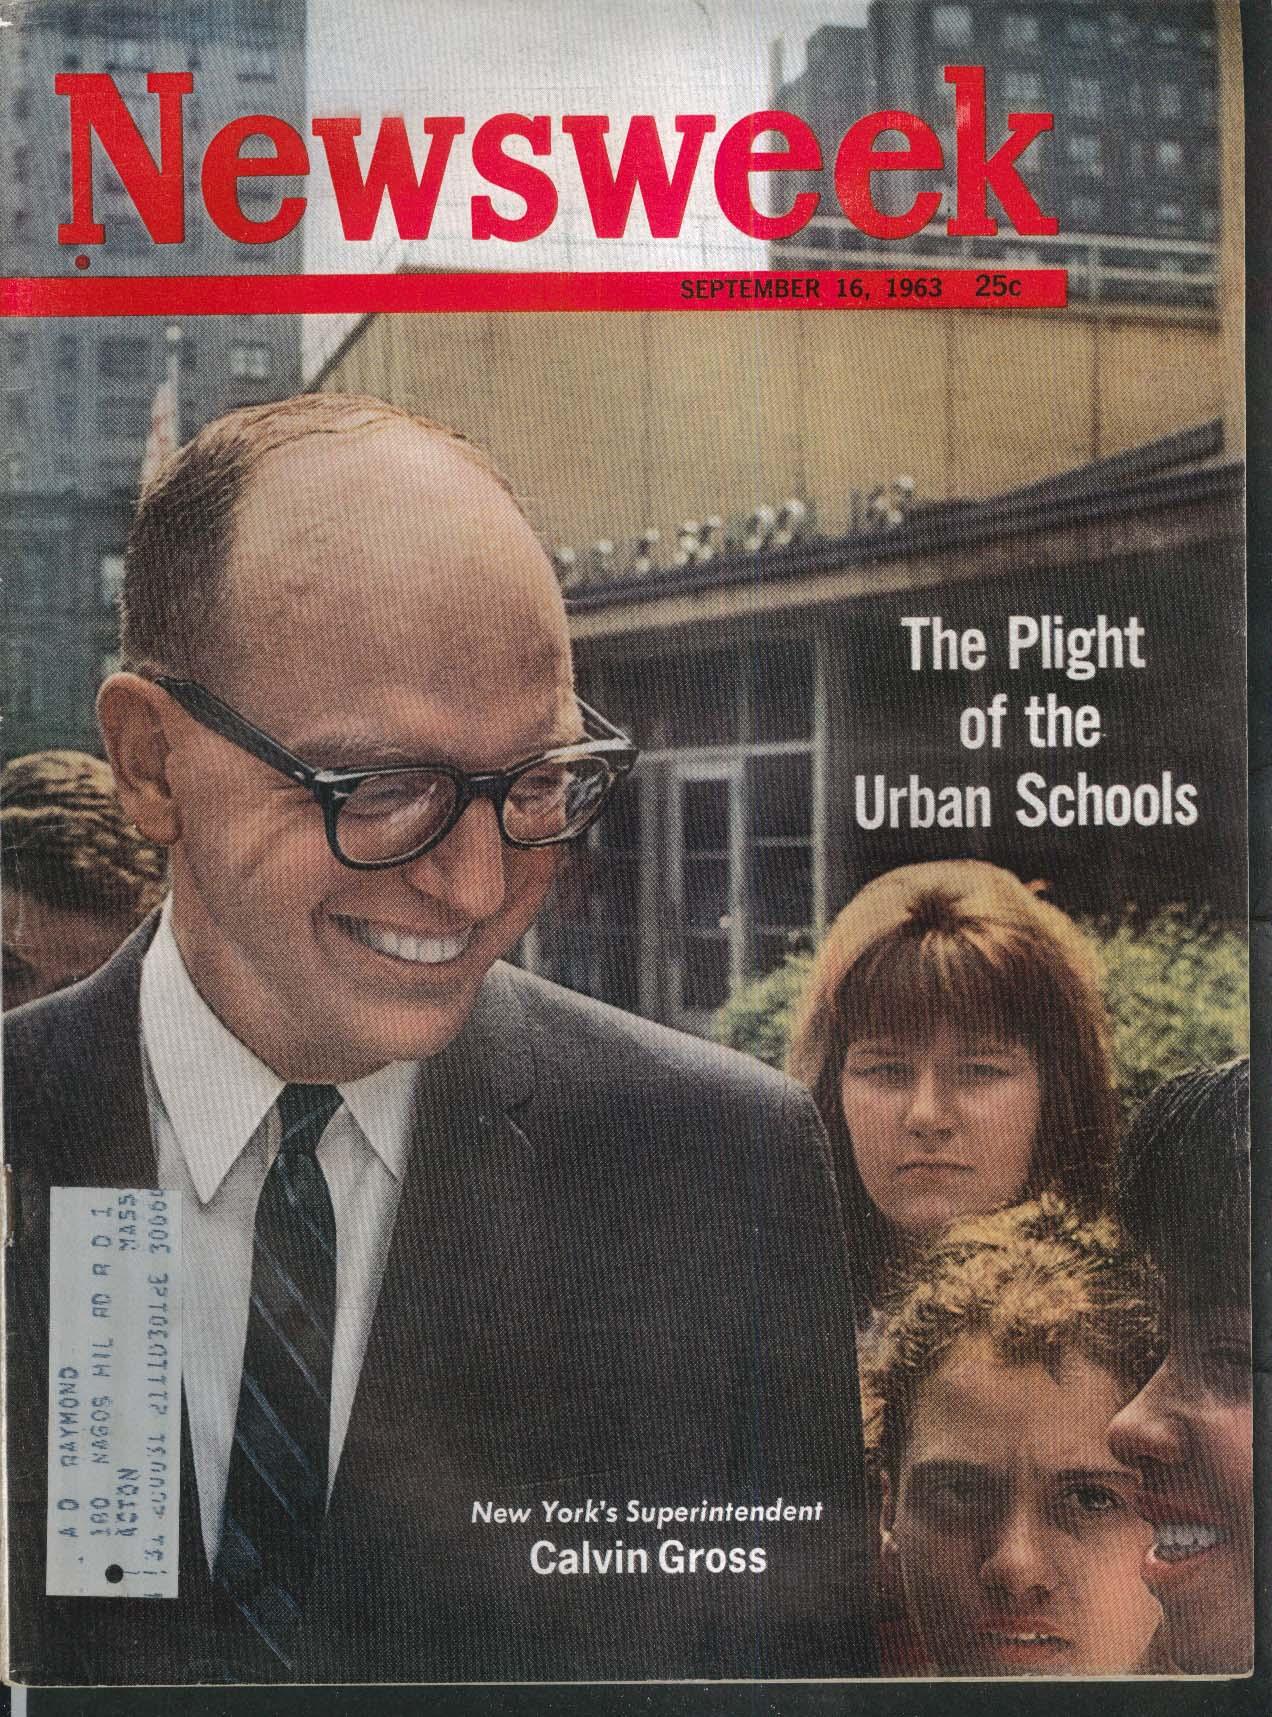 NEWSWEEK New York Superintendent Calvin Gross Vietnam George Wallace 9/16 1963